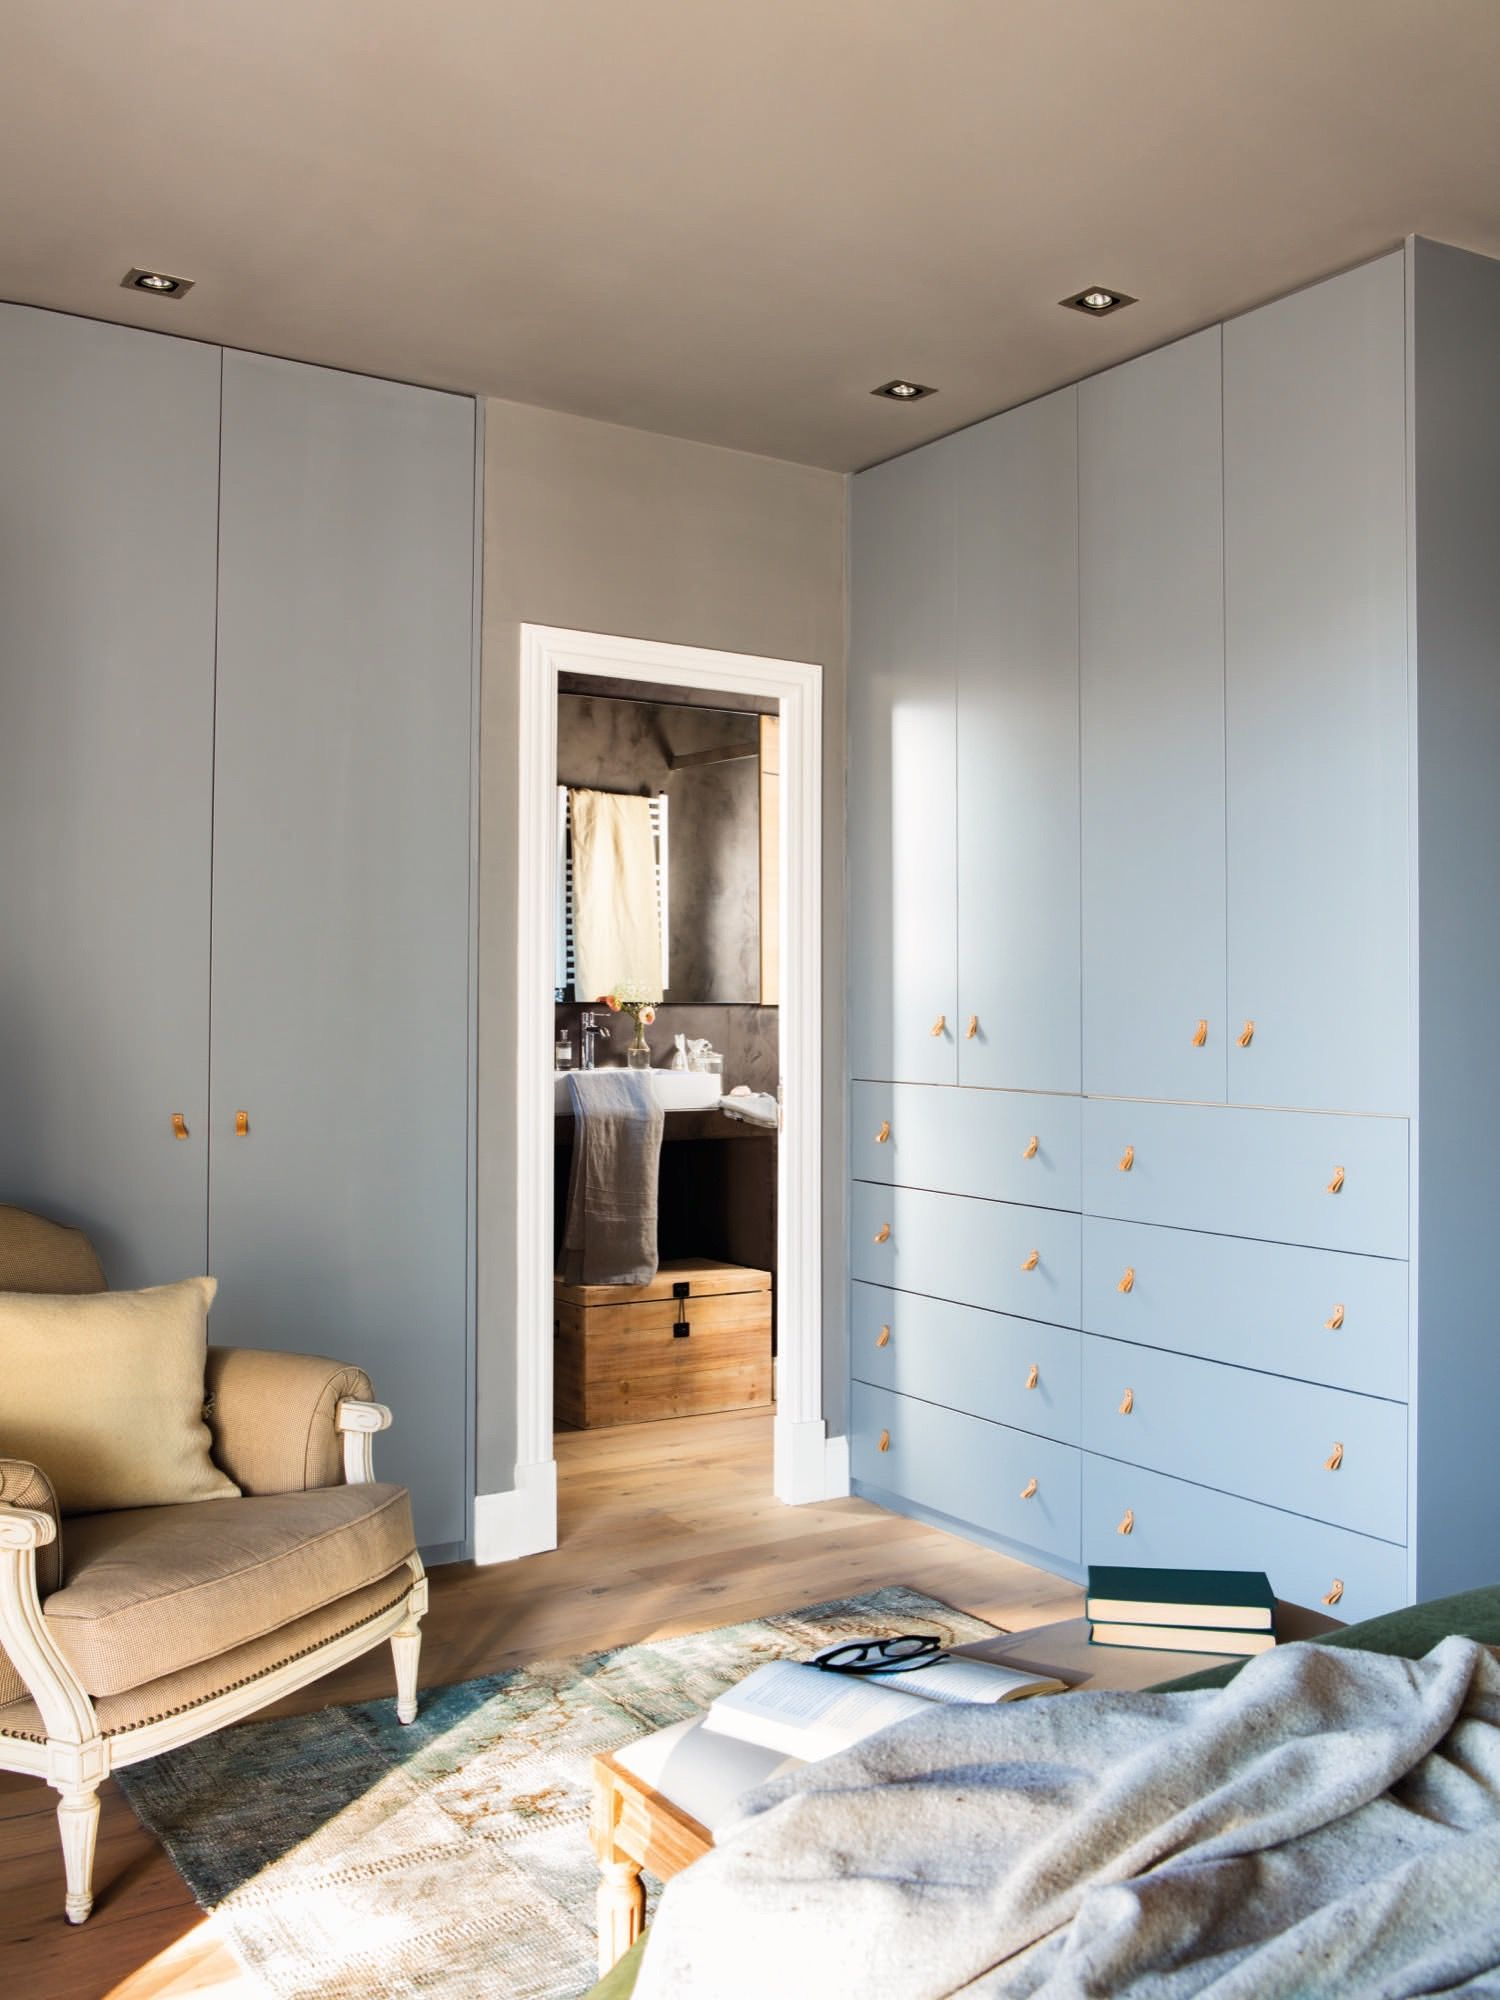 Armarios a tono. | Dormitorios, Armarios grises y ...